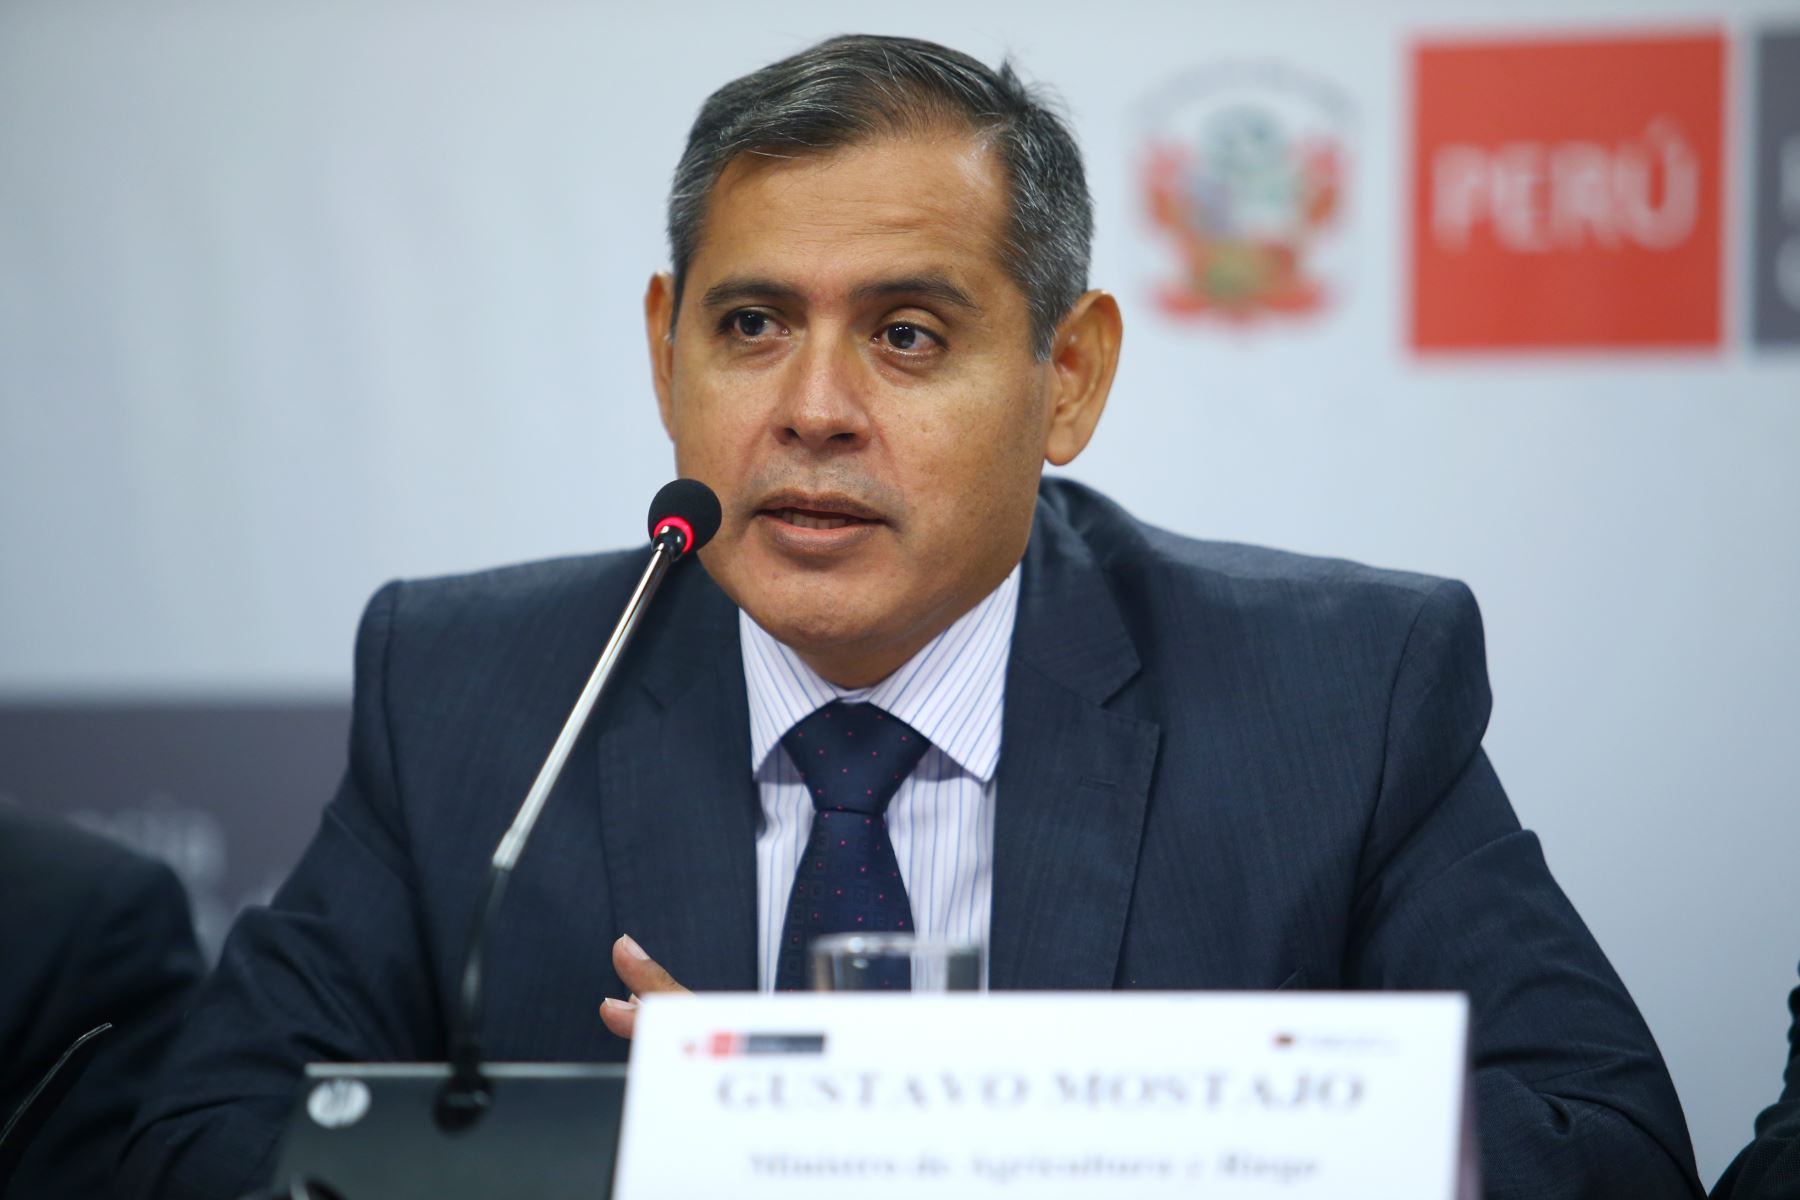 Ministro de Agricultura, Gustavo Mostajo, en conferencia de prensa tras reunión del Consejo de Ministros. Foto: ANDINA/Melina Mejía.